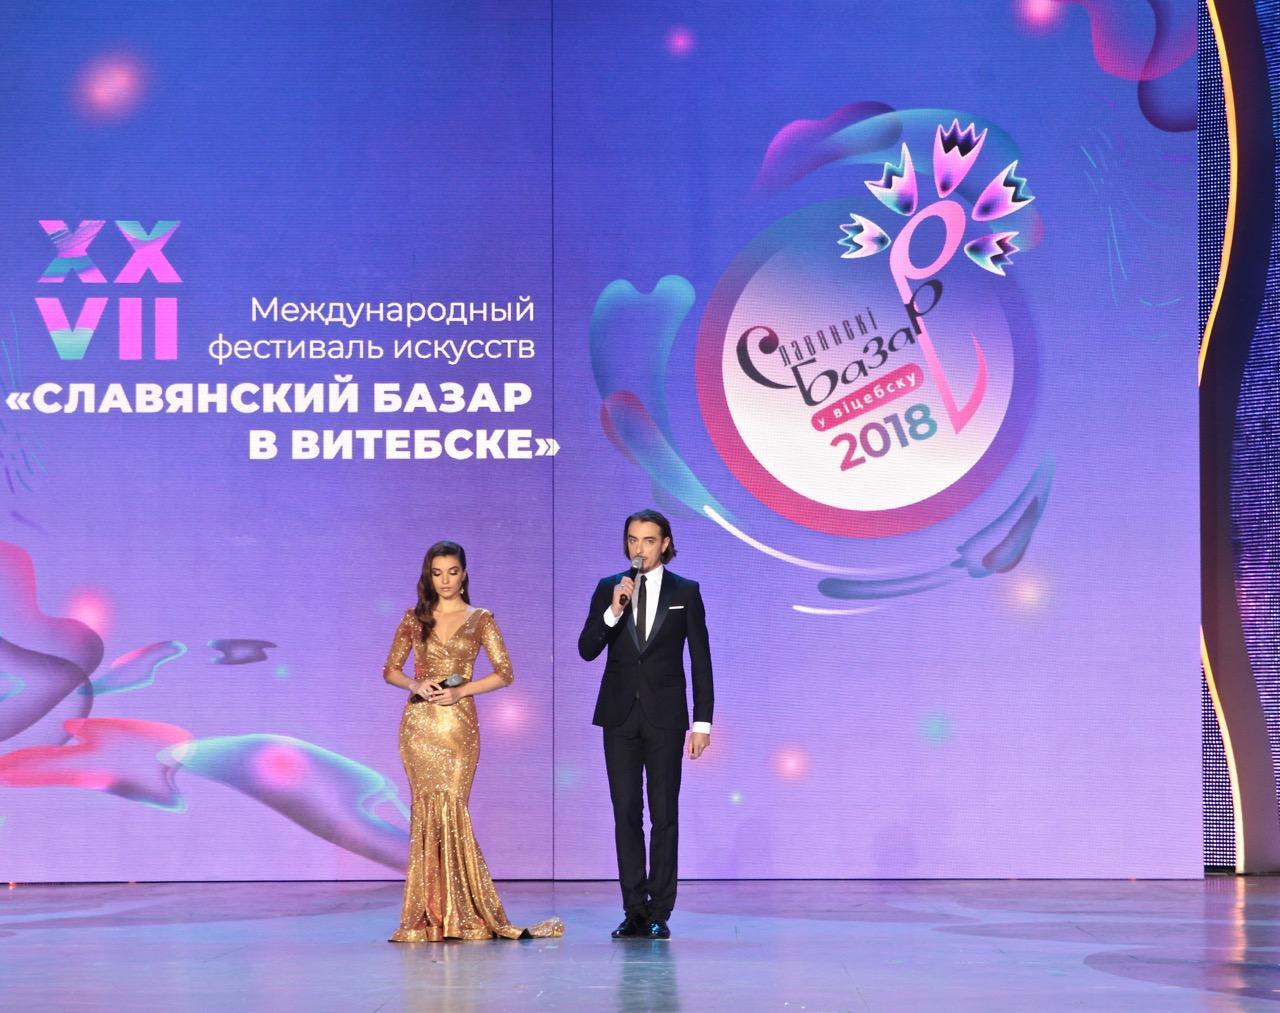 На «Славянском базаре» прошло награждение победителей конкурса молодых исполнителей